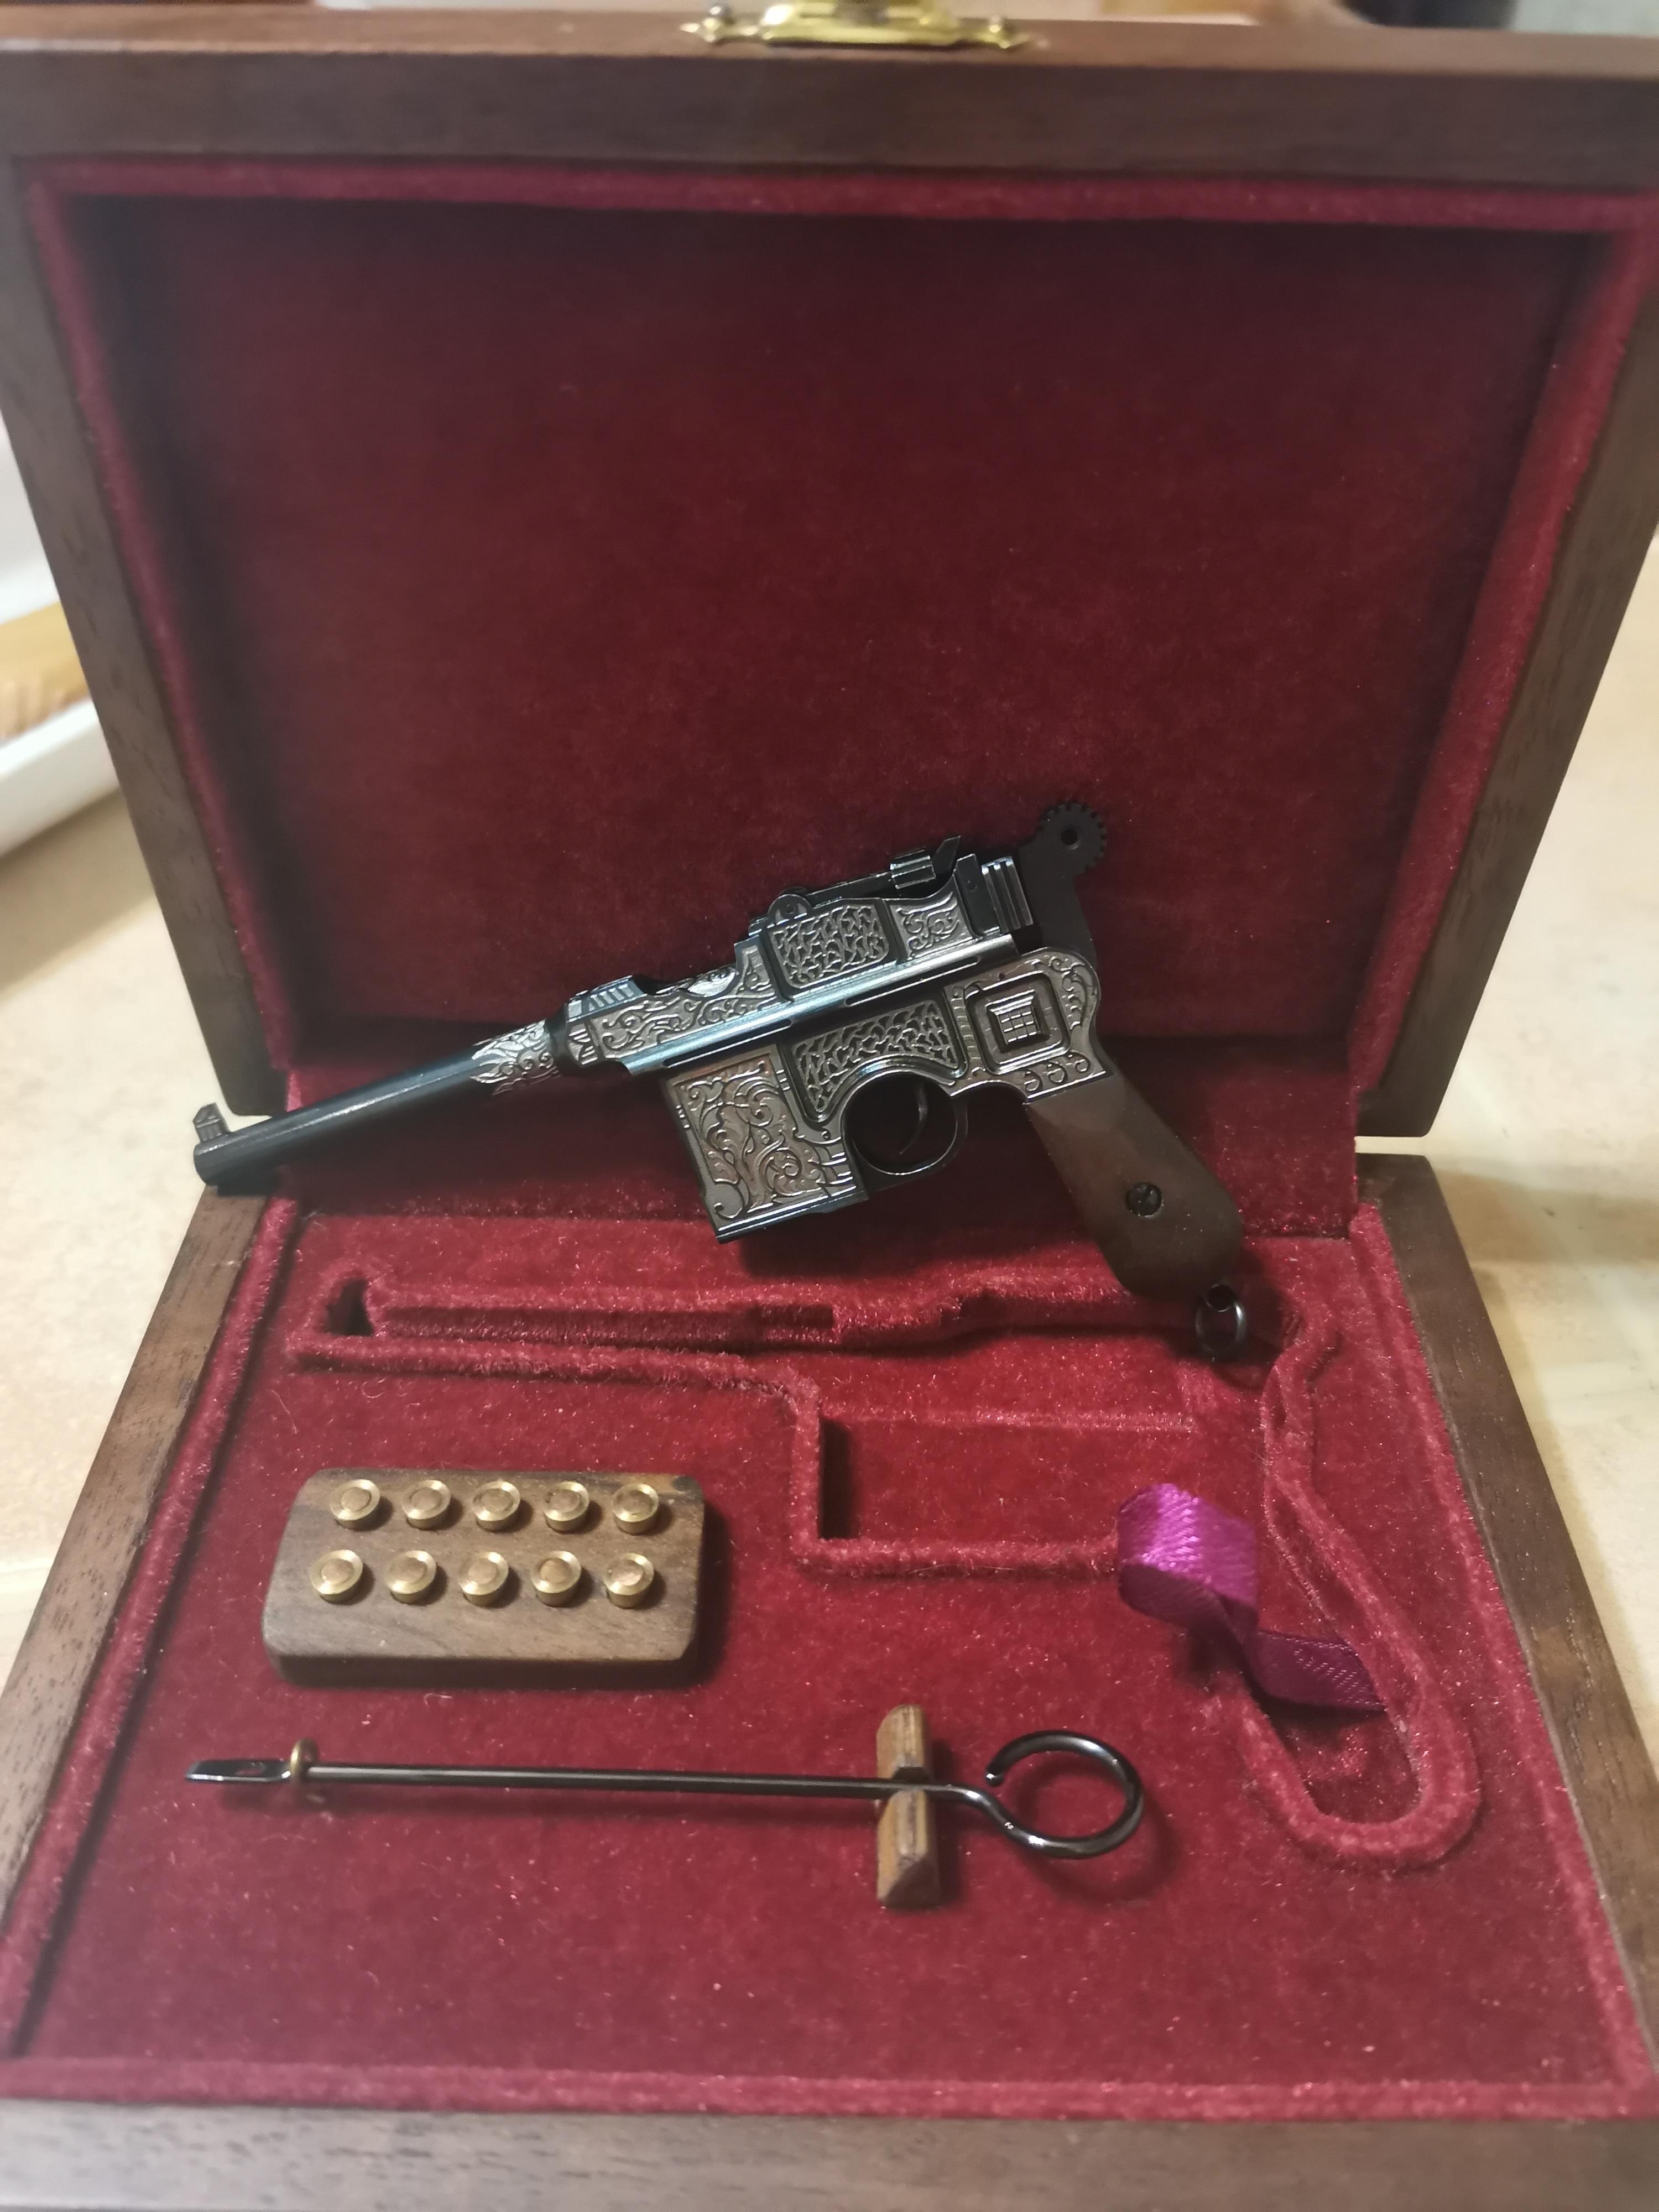 3mm Mauser C96 platinum coating